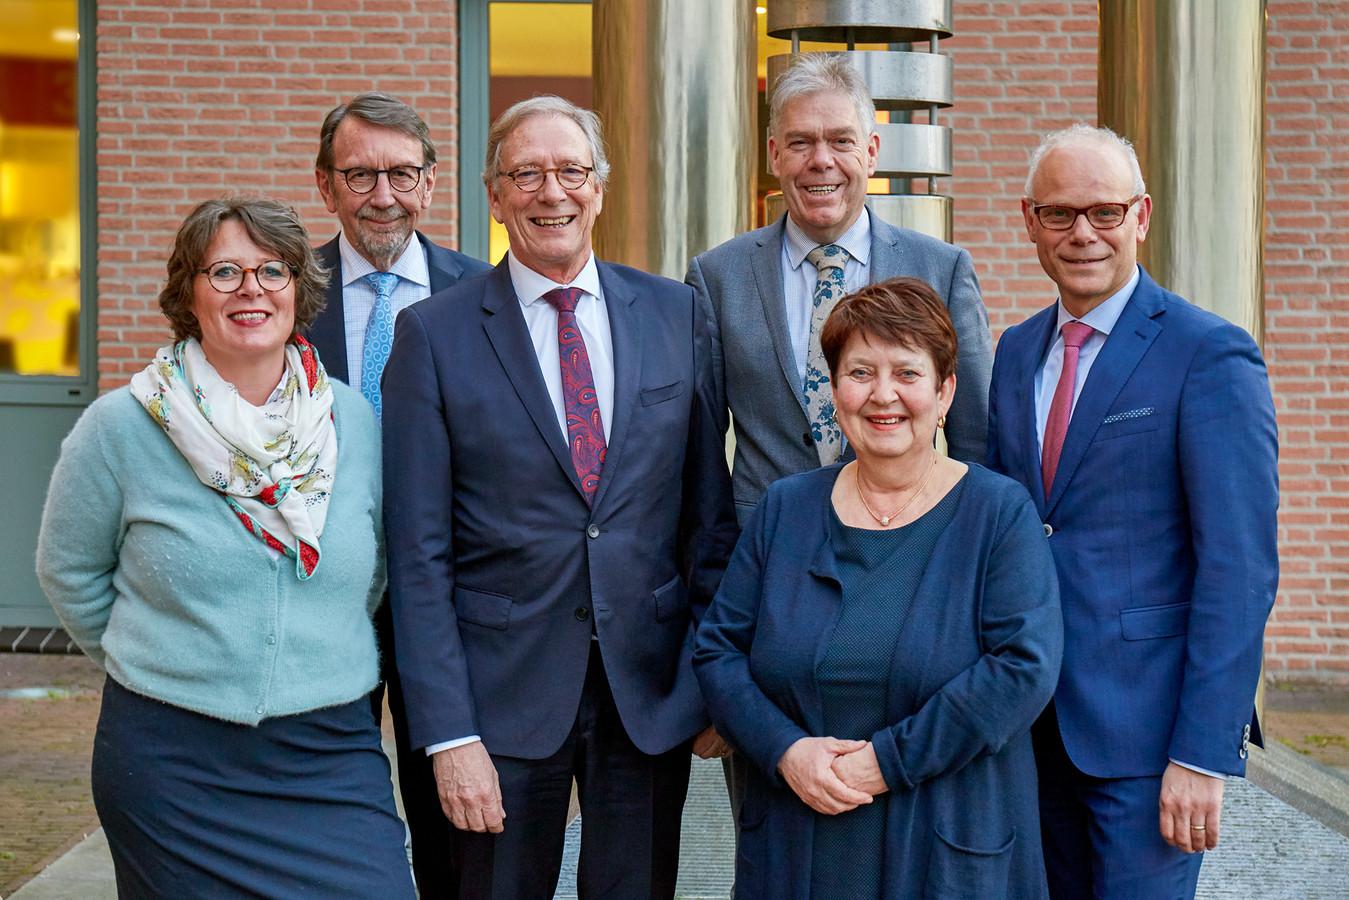 Het laatste college van Haaren, vlnr rechts: Carine Blom (Progressief'96) Harry van Hal (CDA), waarnemend burgemeester Yves de Boer, Martien Vromans (CDA), Adrienne Verschuren (Progressief'96) en gemeentedirecteur Joan van den Akker.